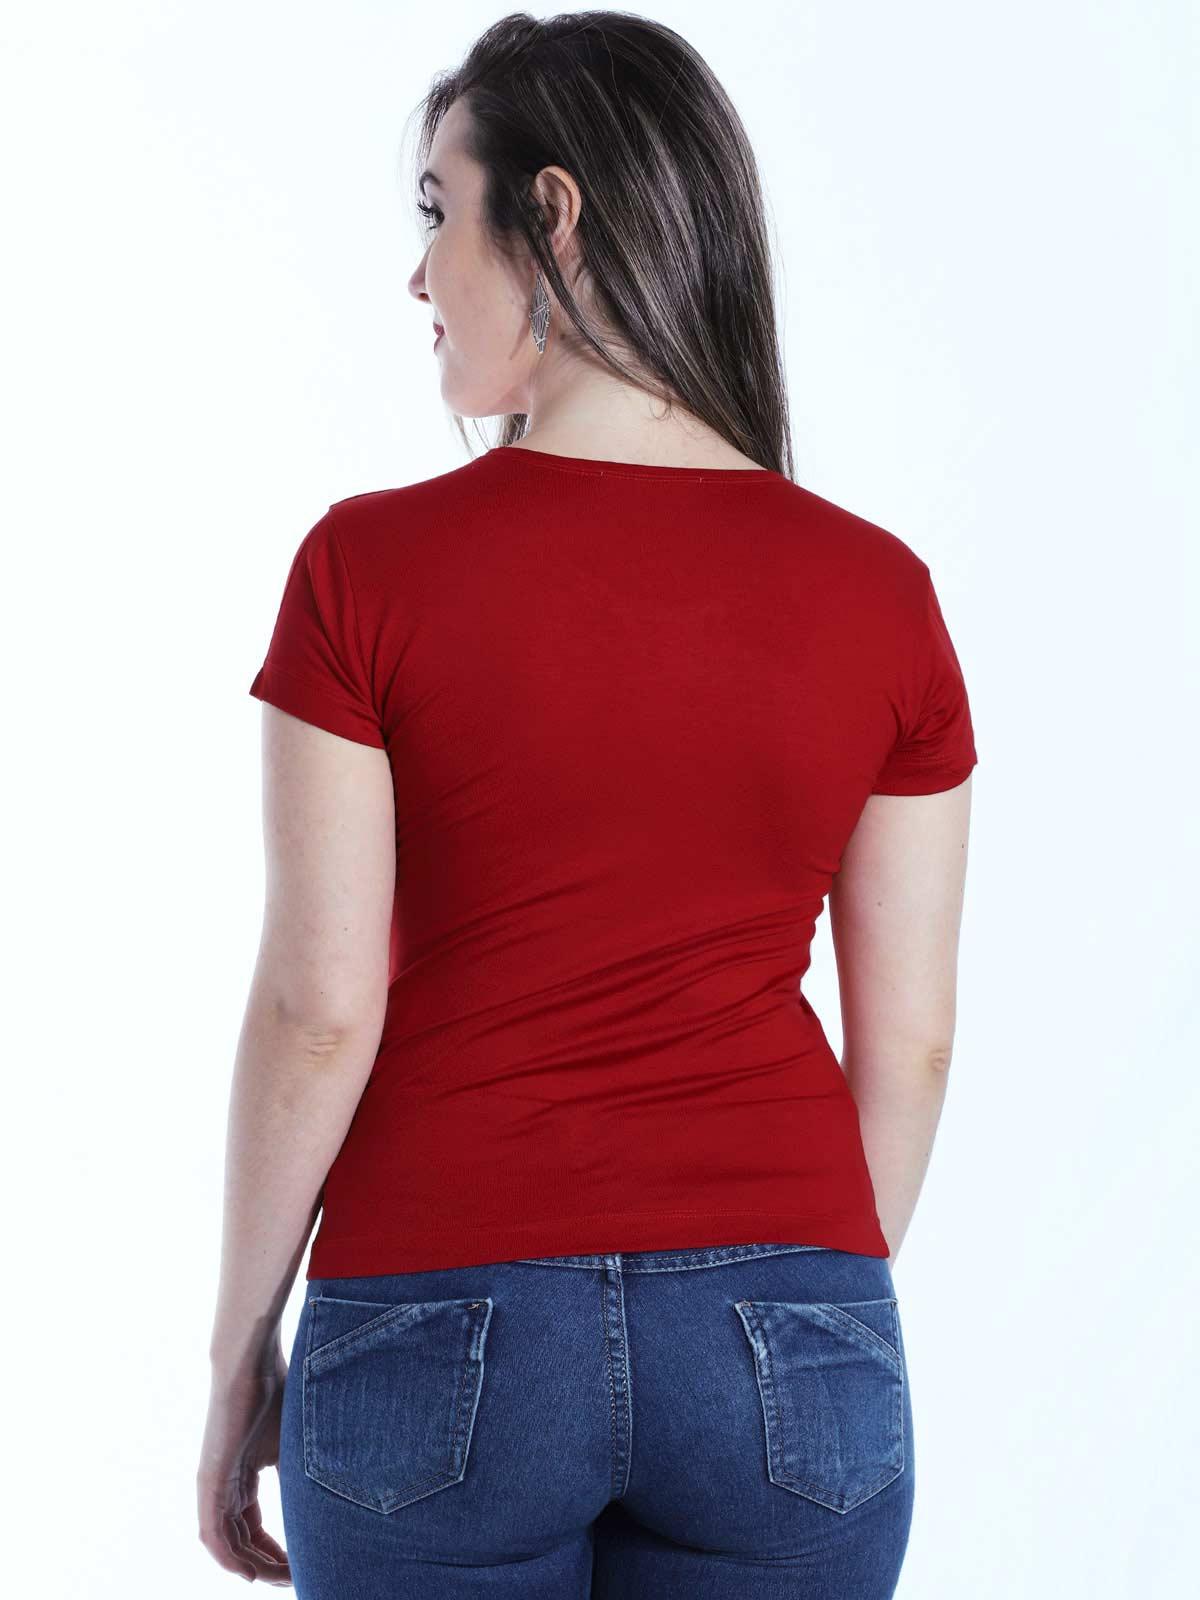 Baby Look Feminina Lisa Básica Visco Decote Redondo Vermelho